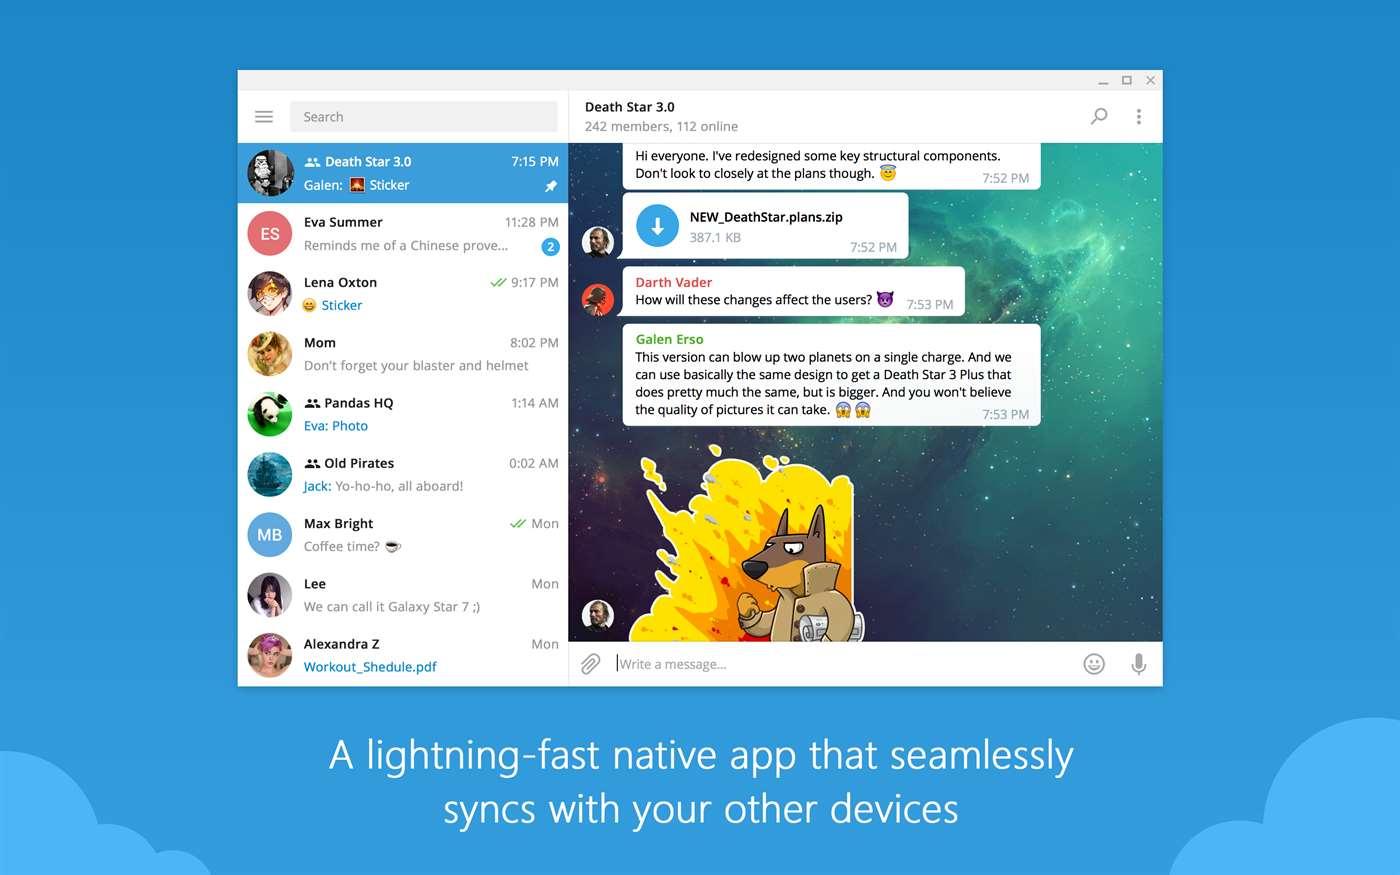 telegram-dlya-windows-10-4.jpg